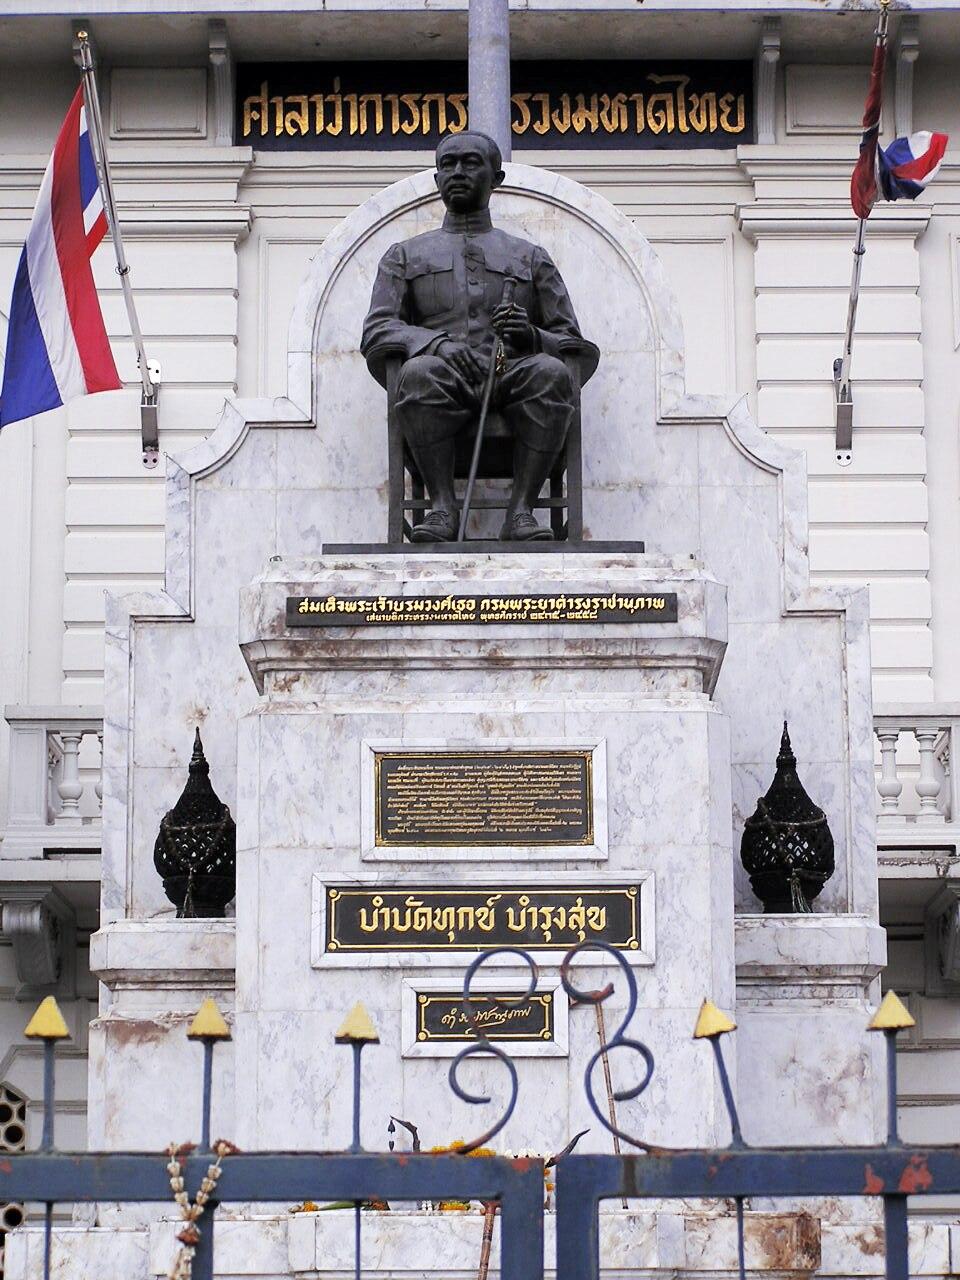 Damrong Rajanubhab